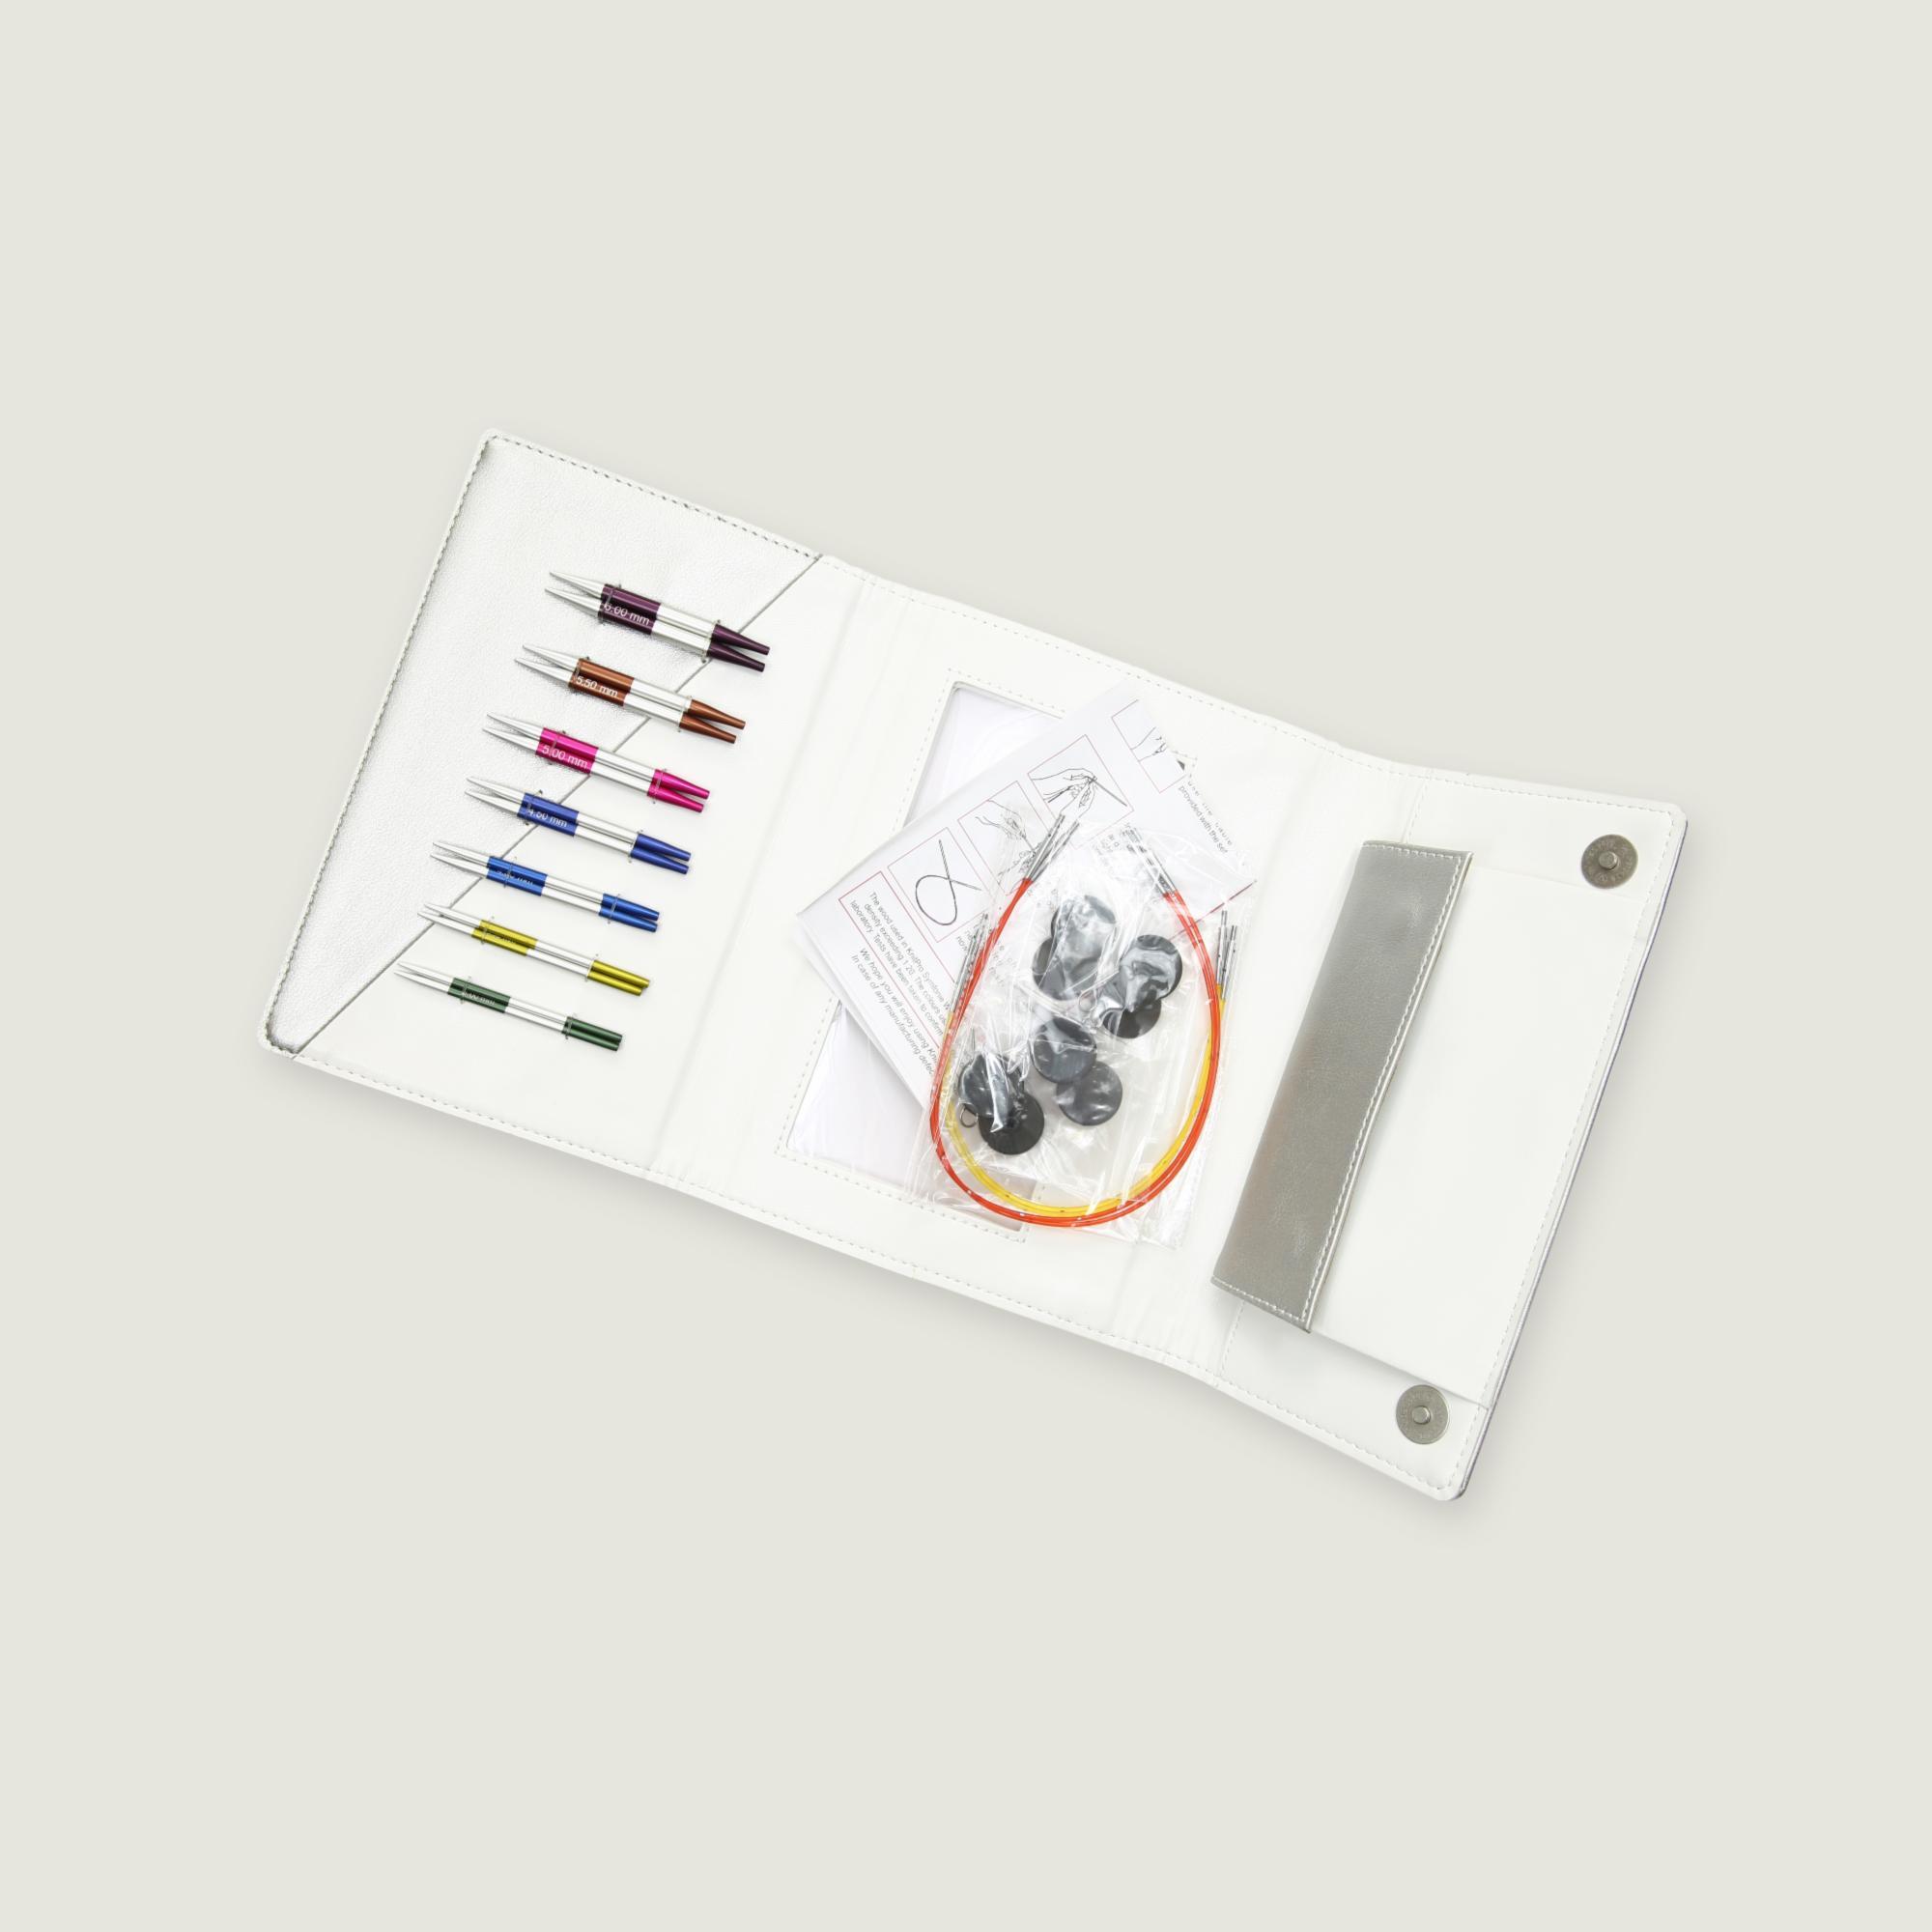 42161 Набор алюминиевых съемных коротких спиц «Deluxe» (Special) Smartstix KnitPro 3